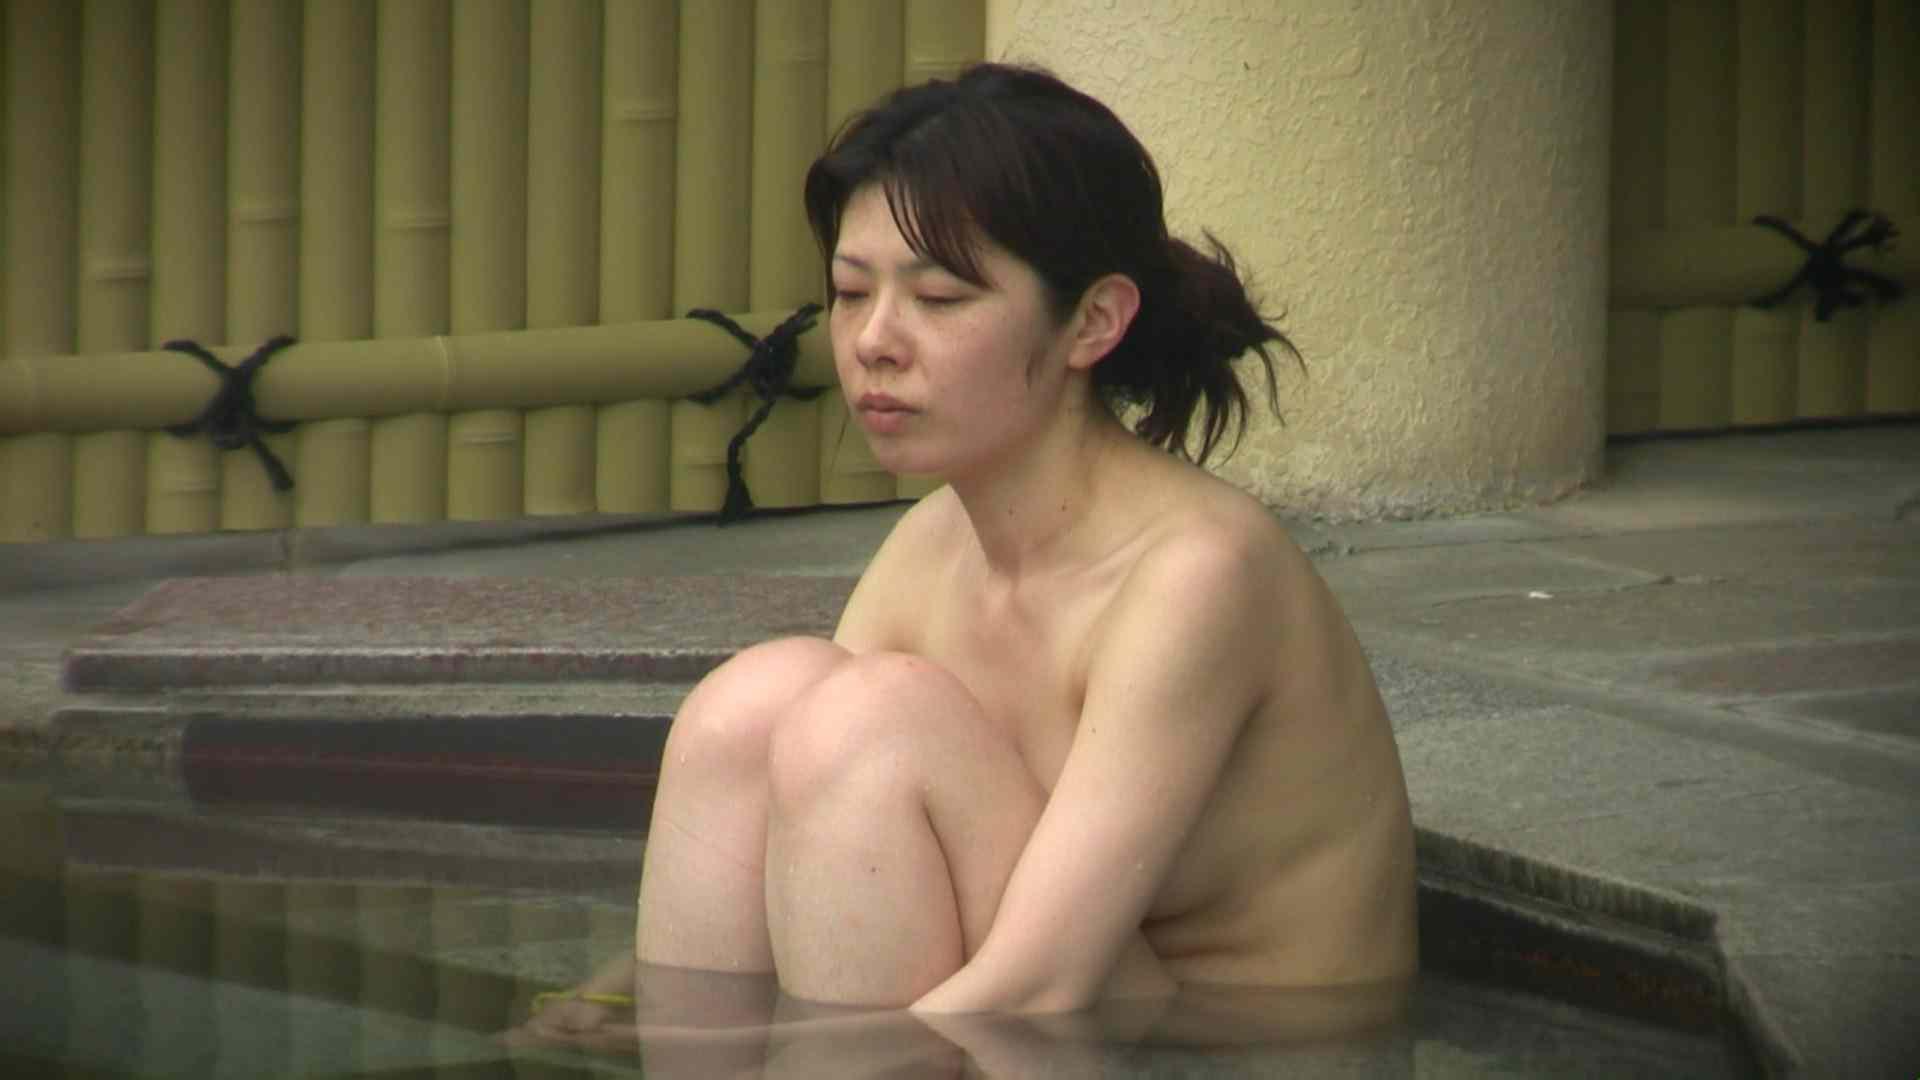 Aquaな露天風呂Vol.676 盗撮シリーズ  83PIX 54